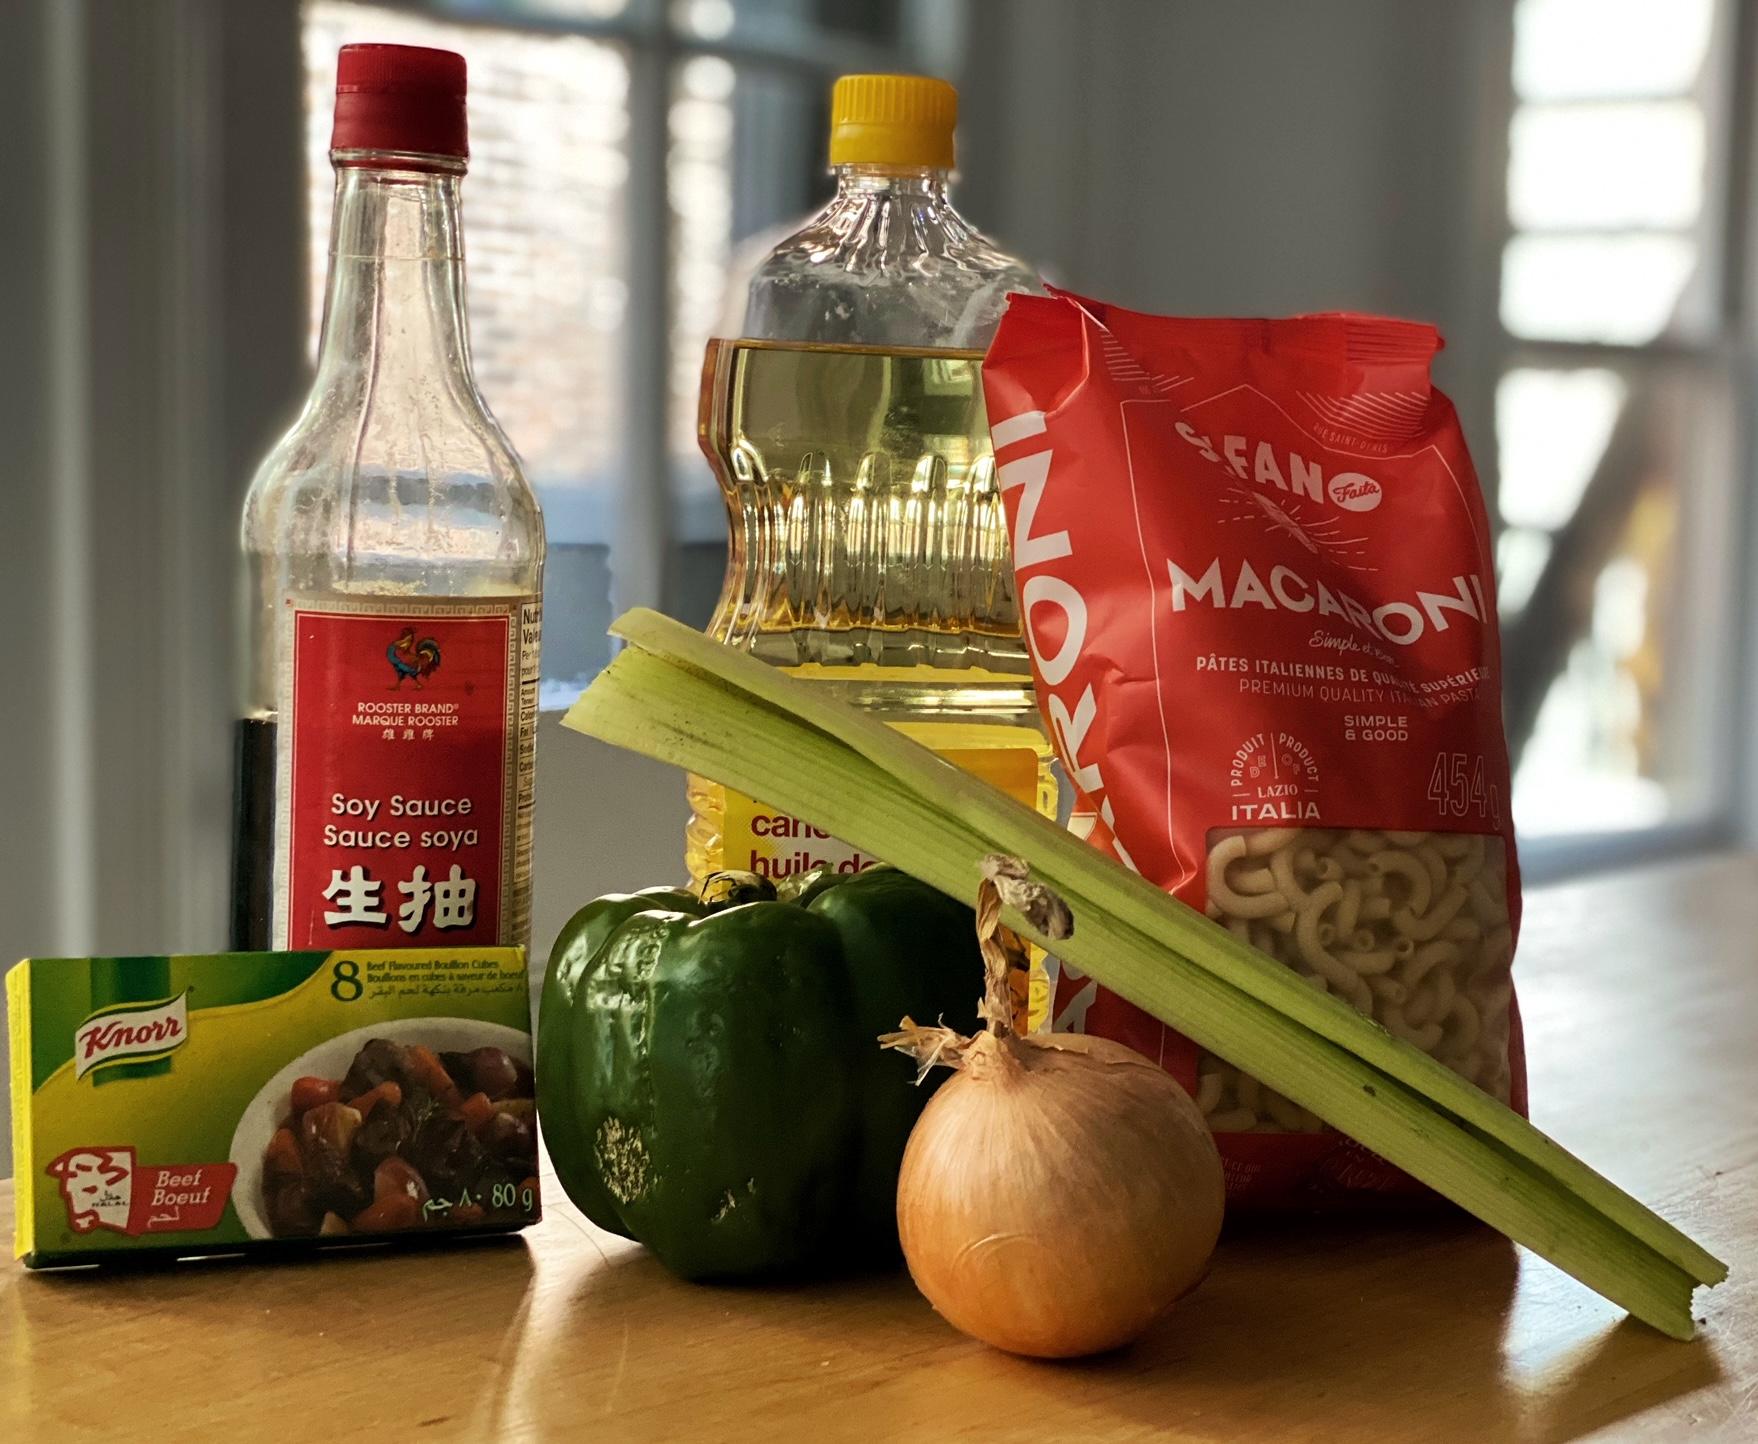 ingrédients pour le macaroni chinois